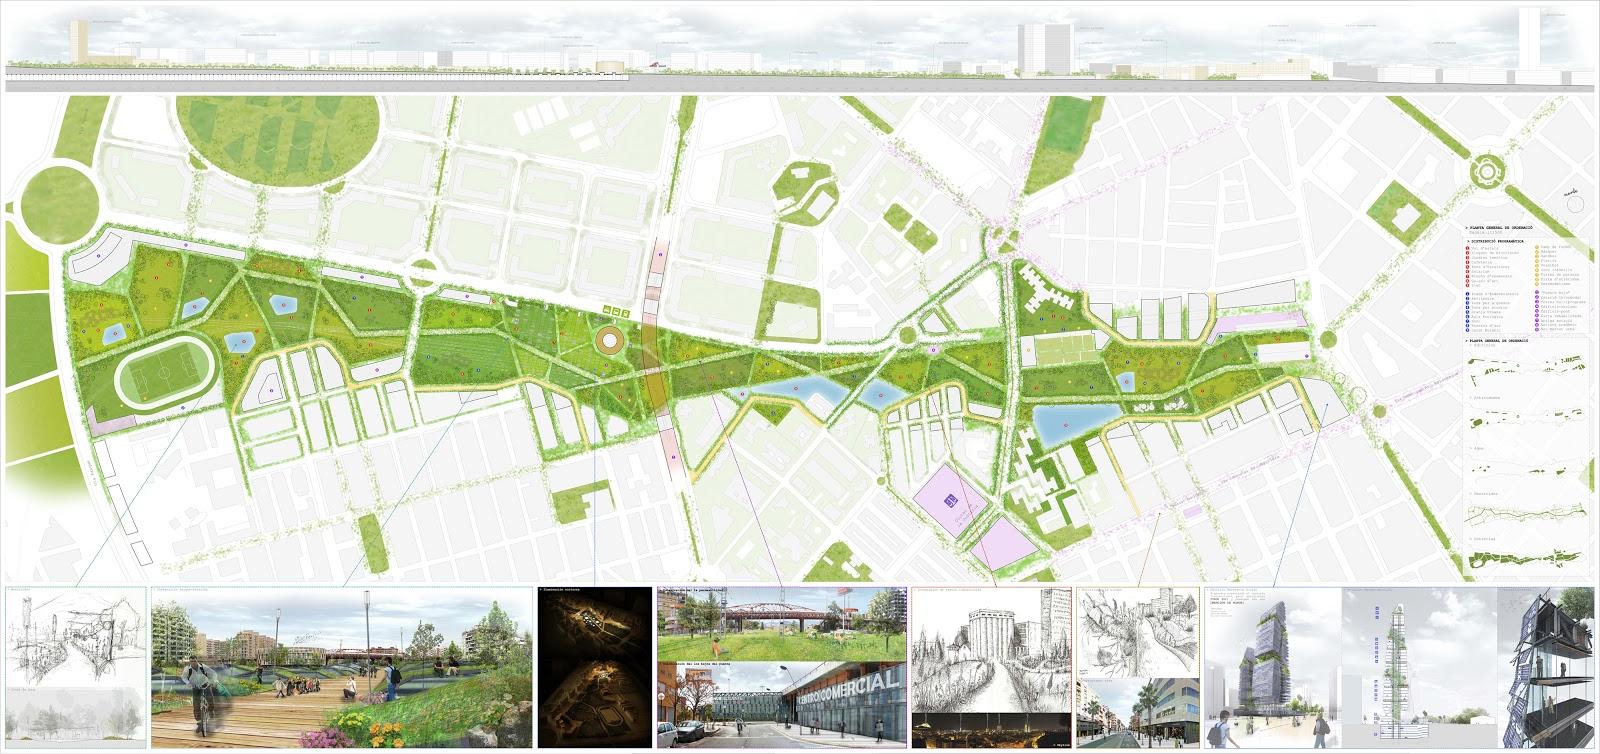 Nodopfc parque central de alicante y estaci n intermodal - Alicante urbanismo ...